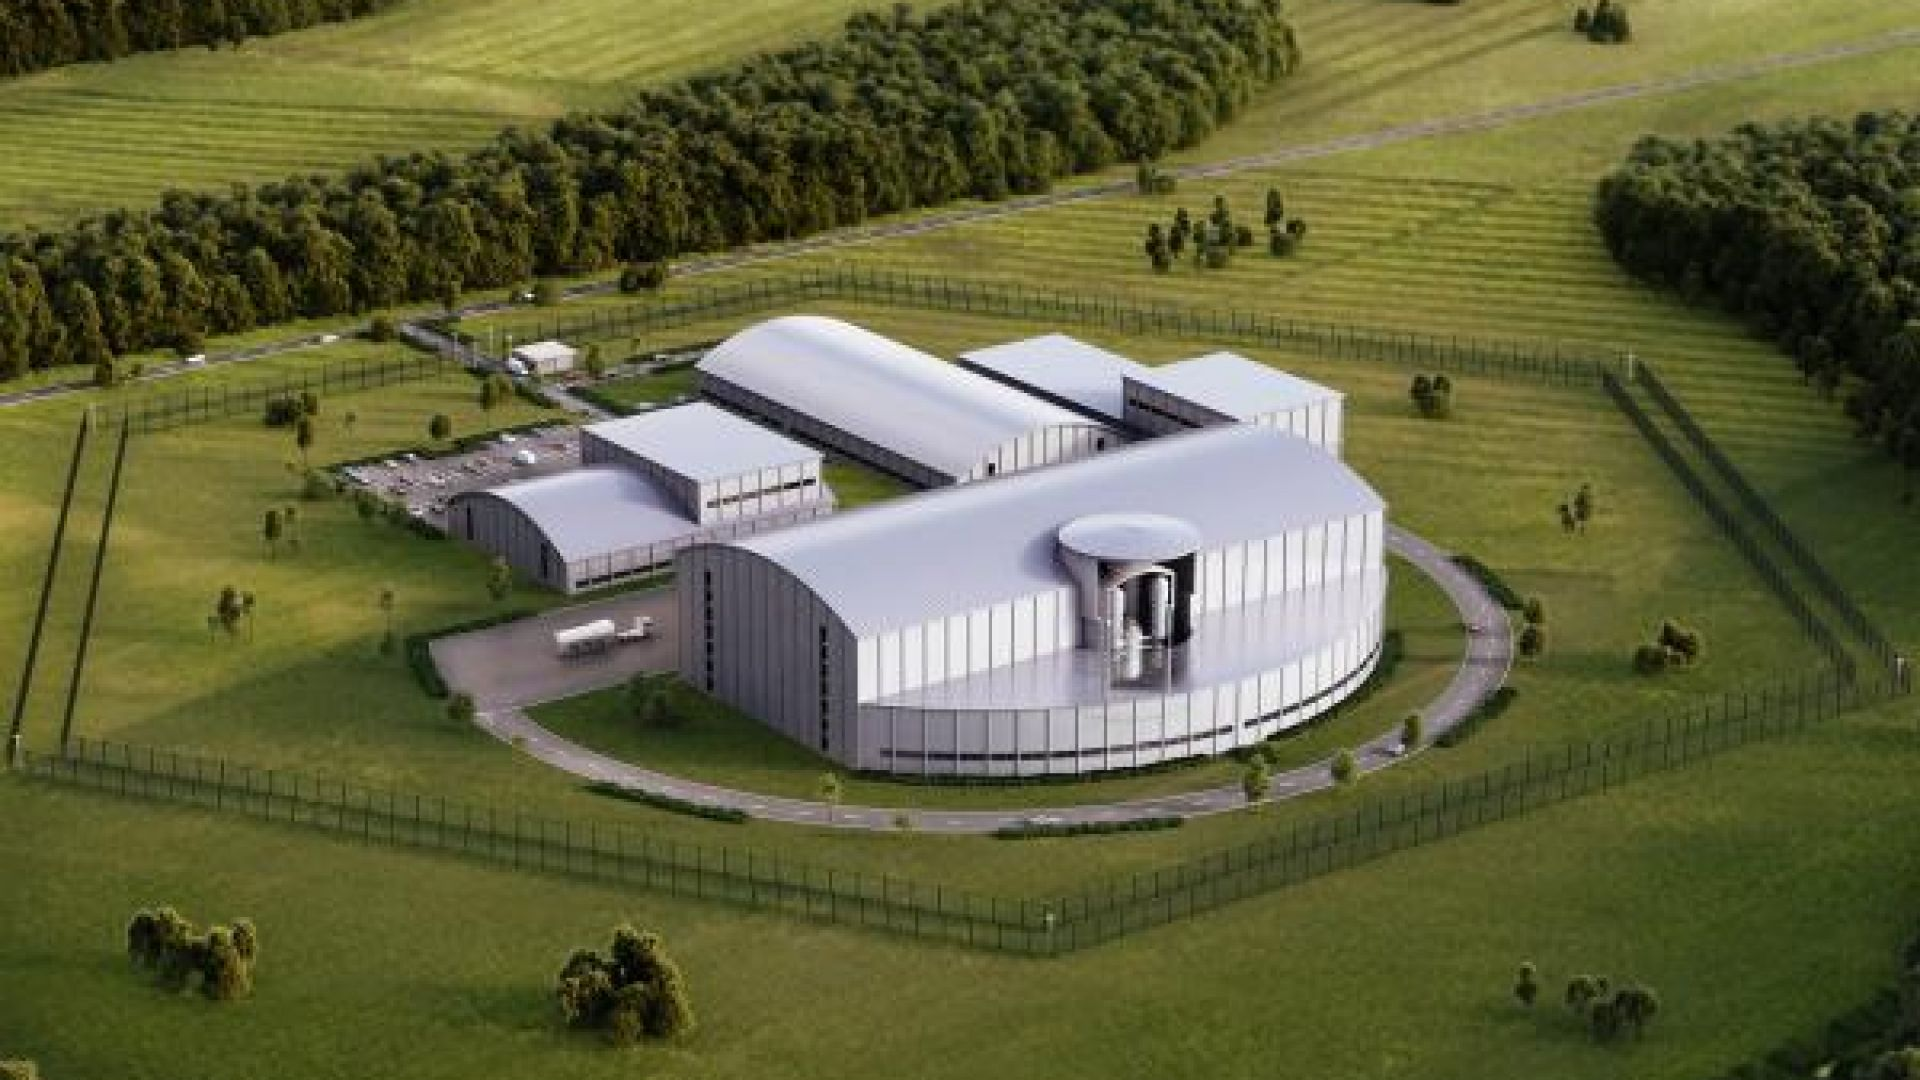 Rolls-Royce търси инвеститори за изграждане на малки АЕЦ